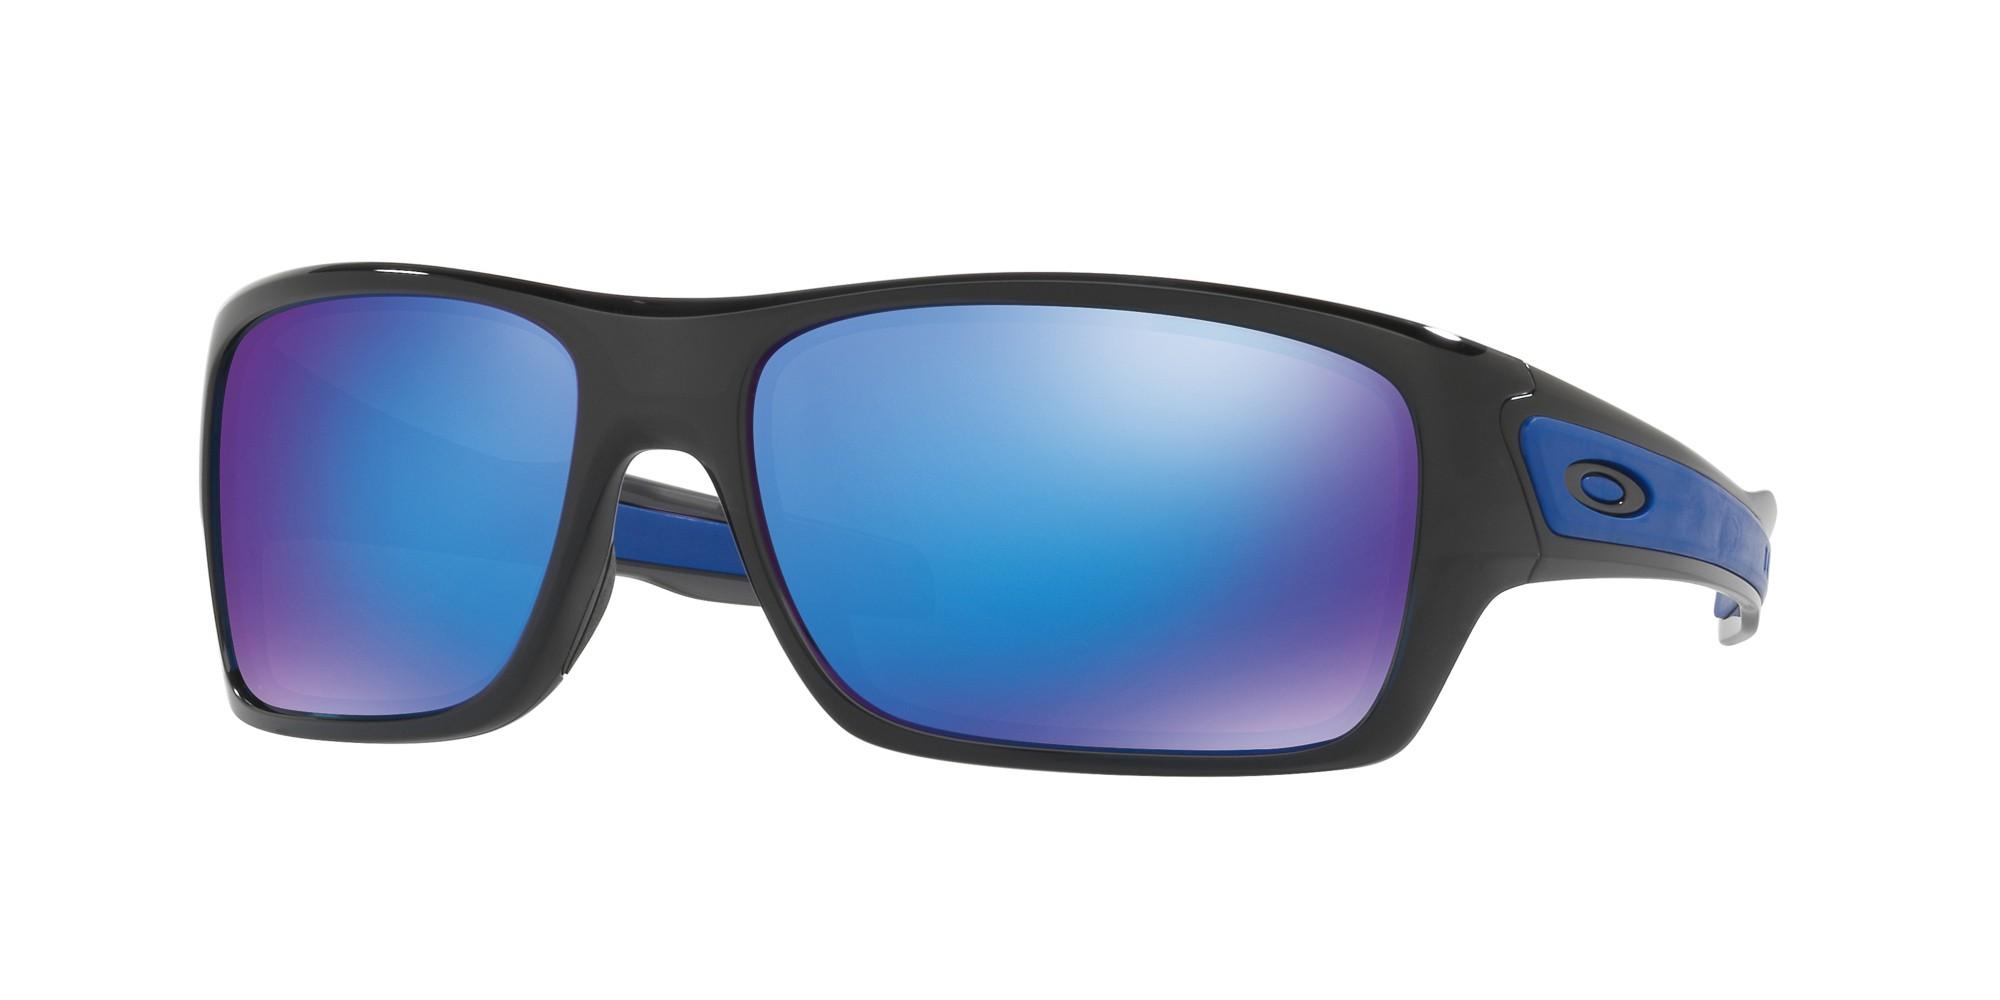 4bdee3e31c0b Authentic Oakley Turbine Prescription Sunglasses